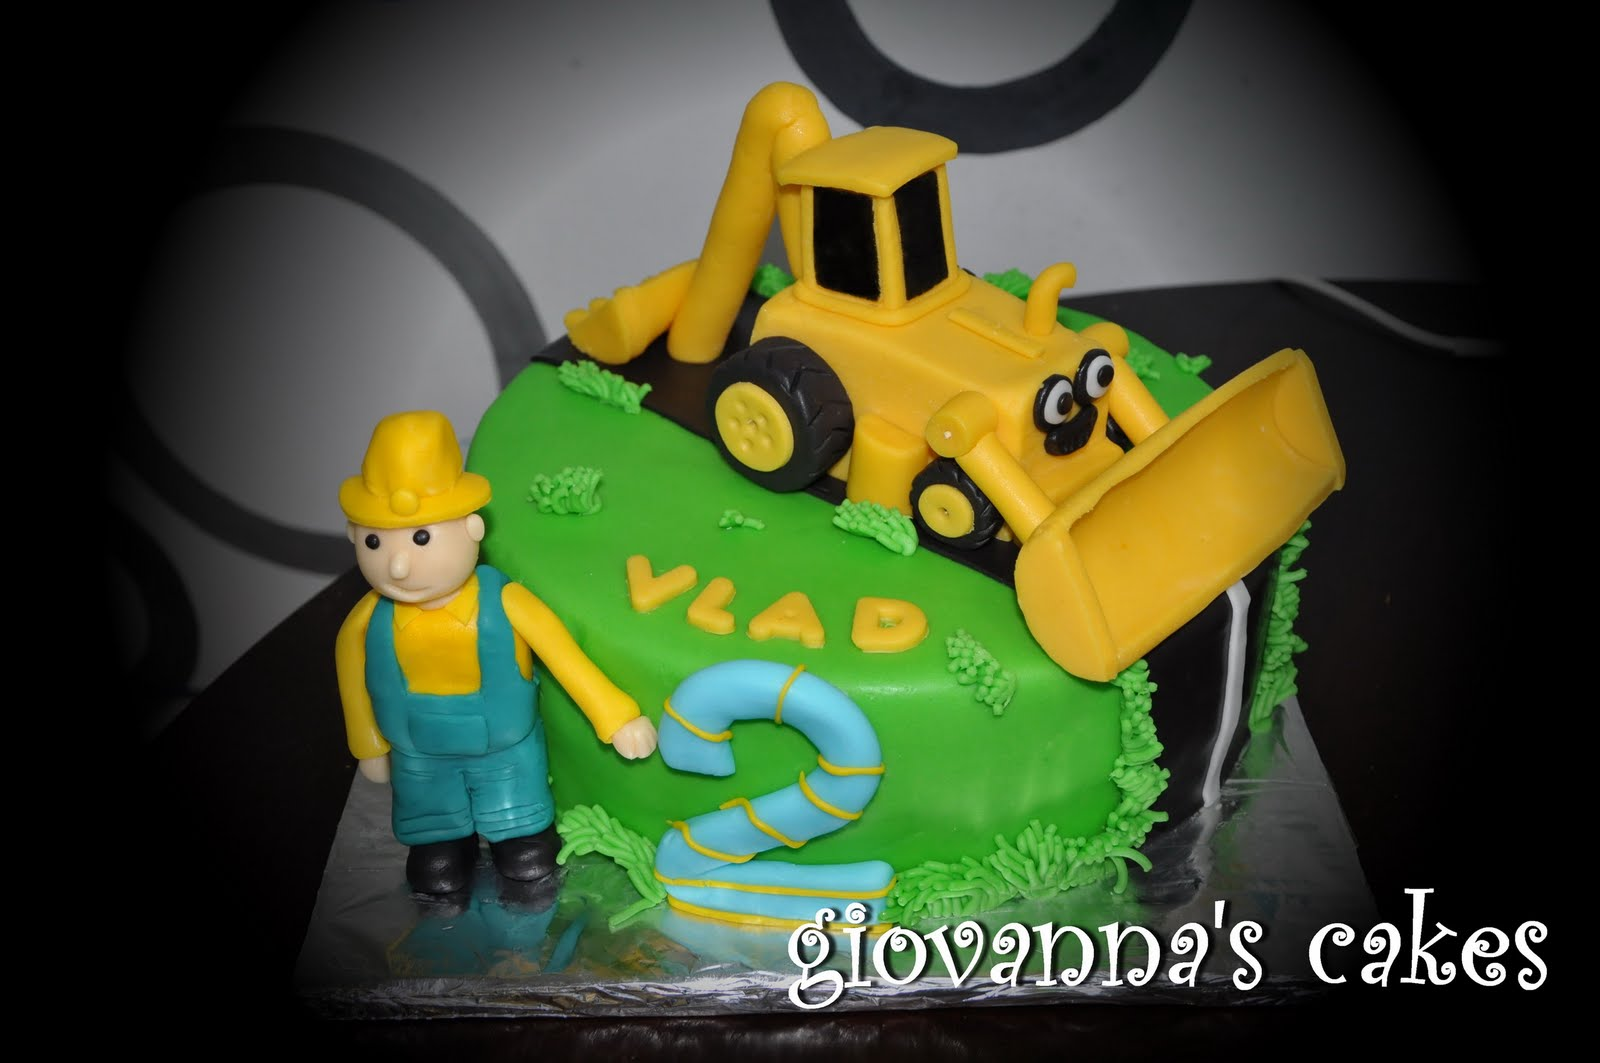 Giovannas Cakes Excavator Cake